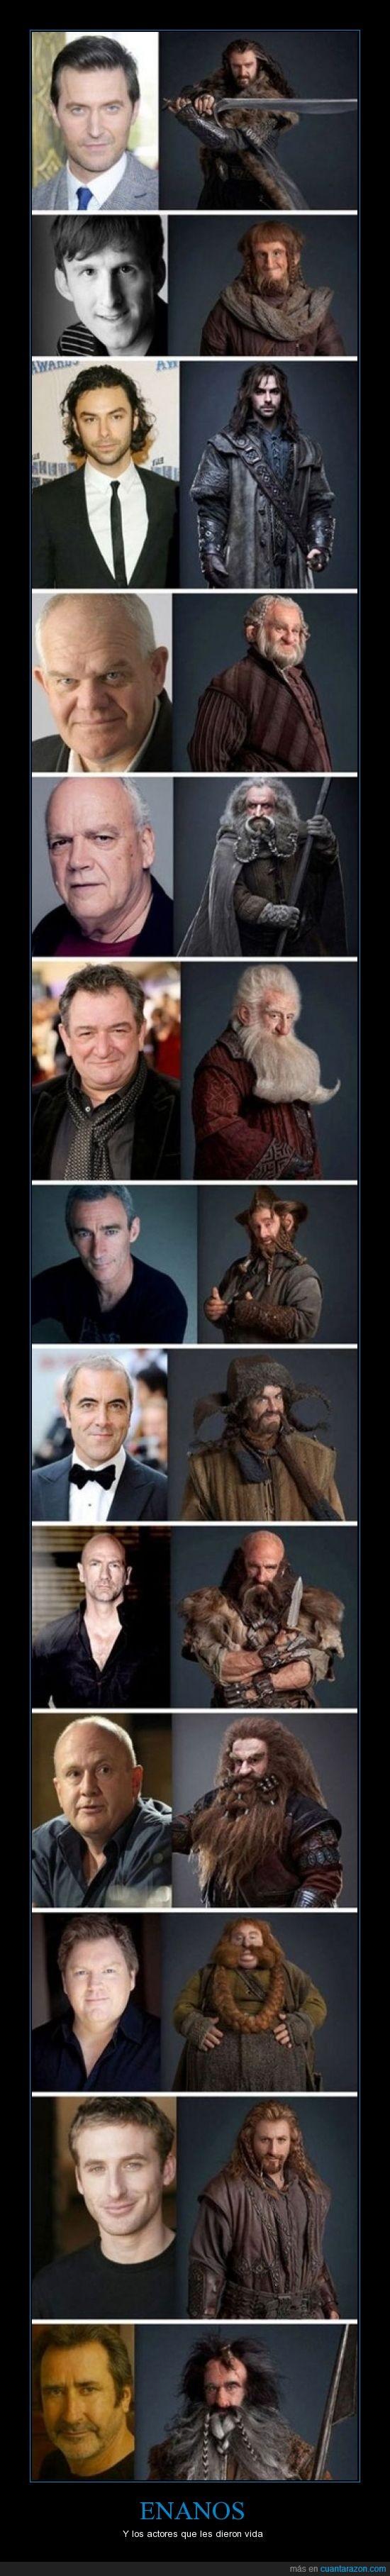 actor,cambia la cosa,el hobbit,enanos,peter jackson,real